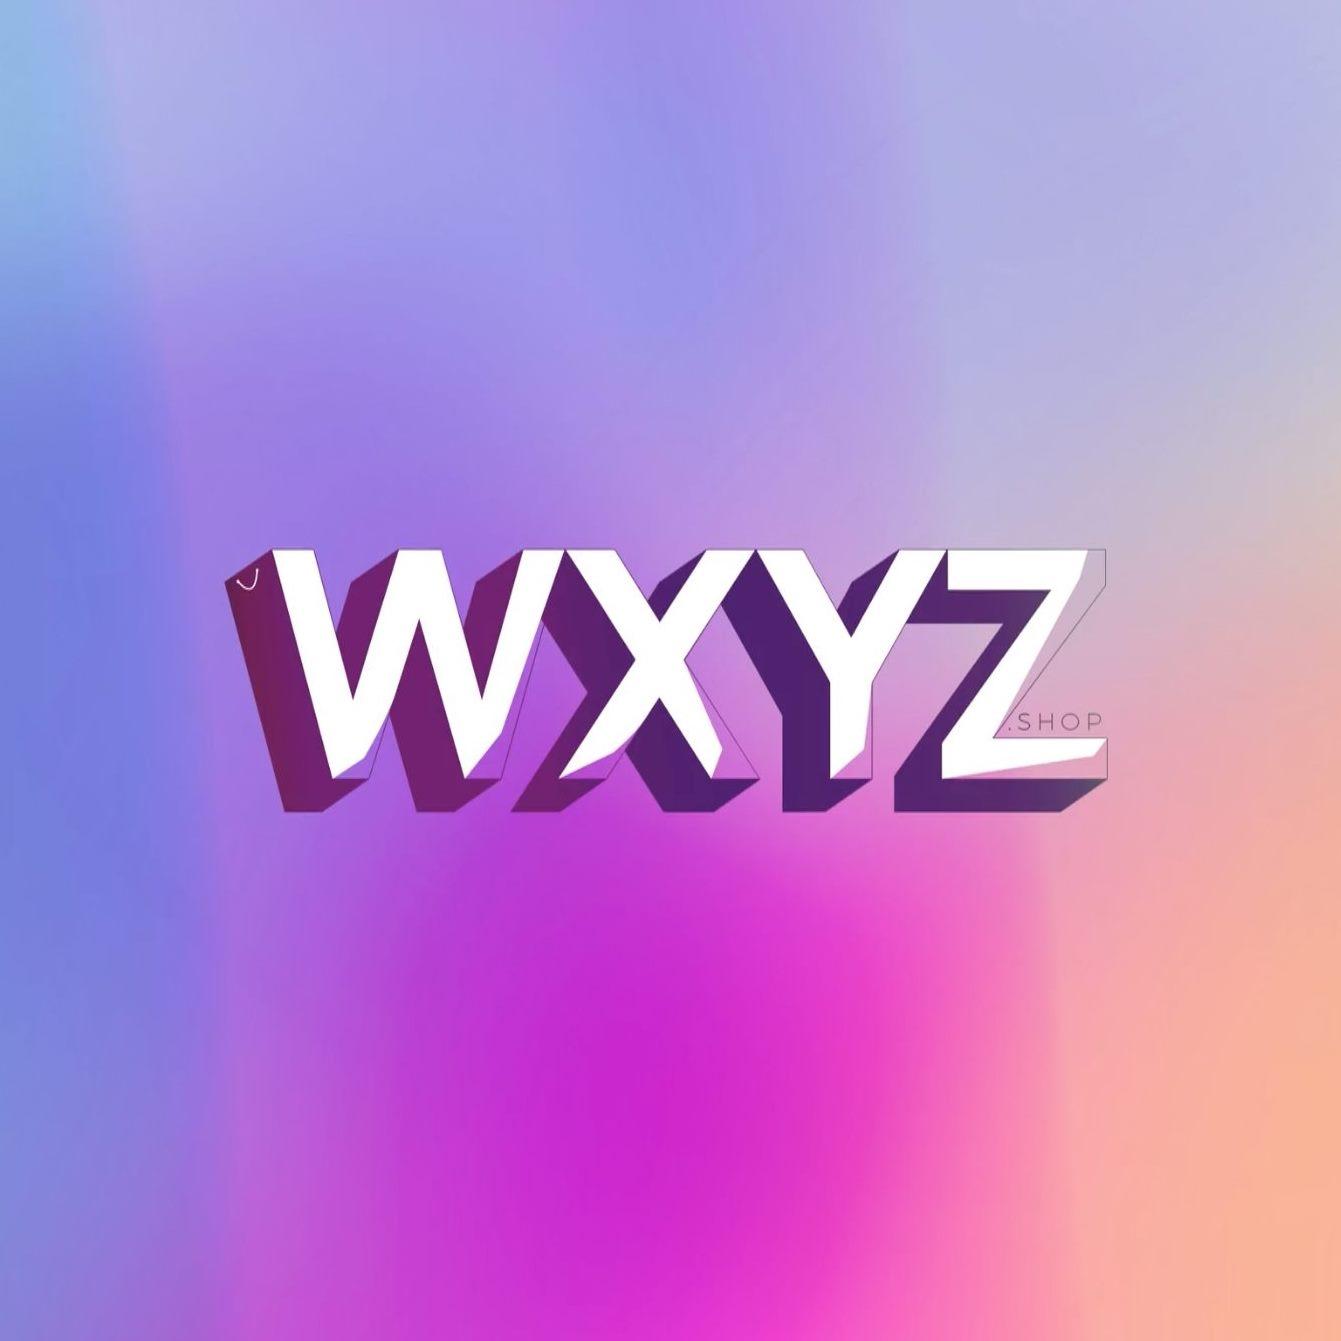 WXYZ.shop